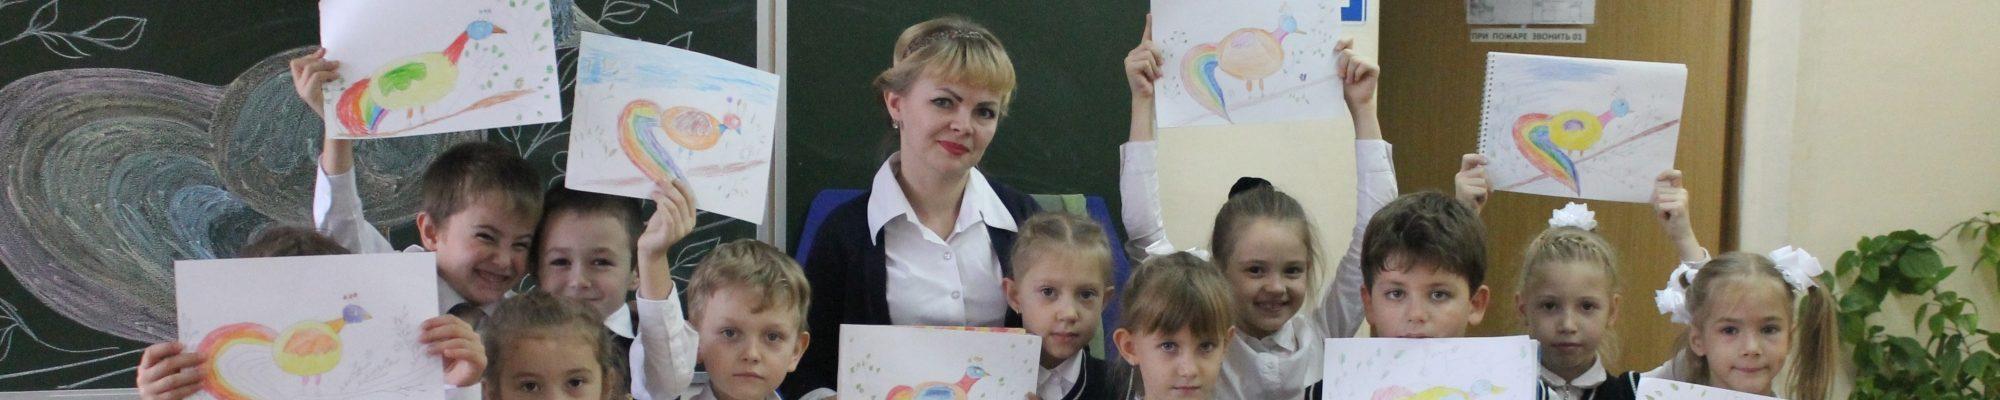 Сайт учителя ИЗО Коростовой Юлии Игоревны